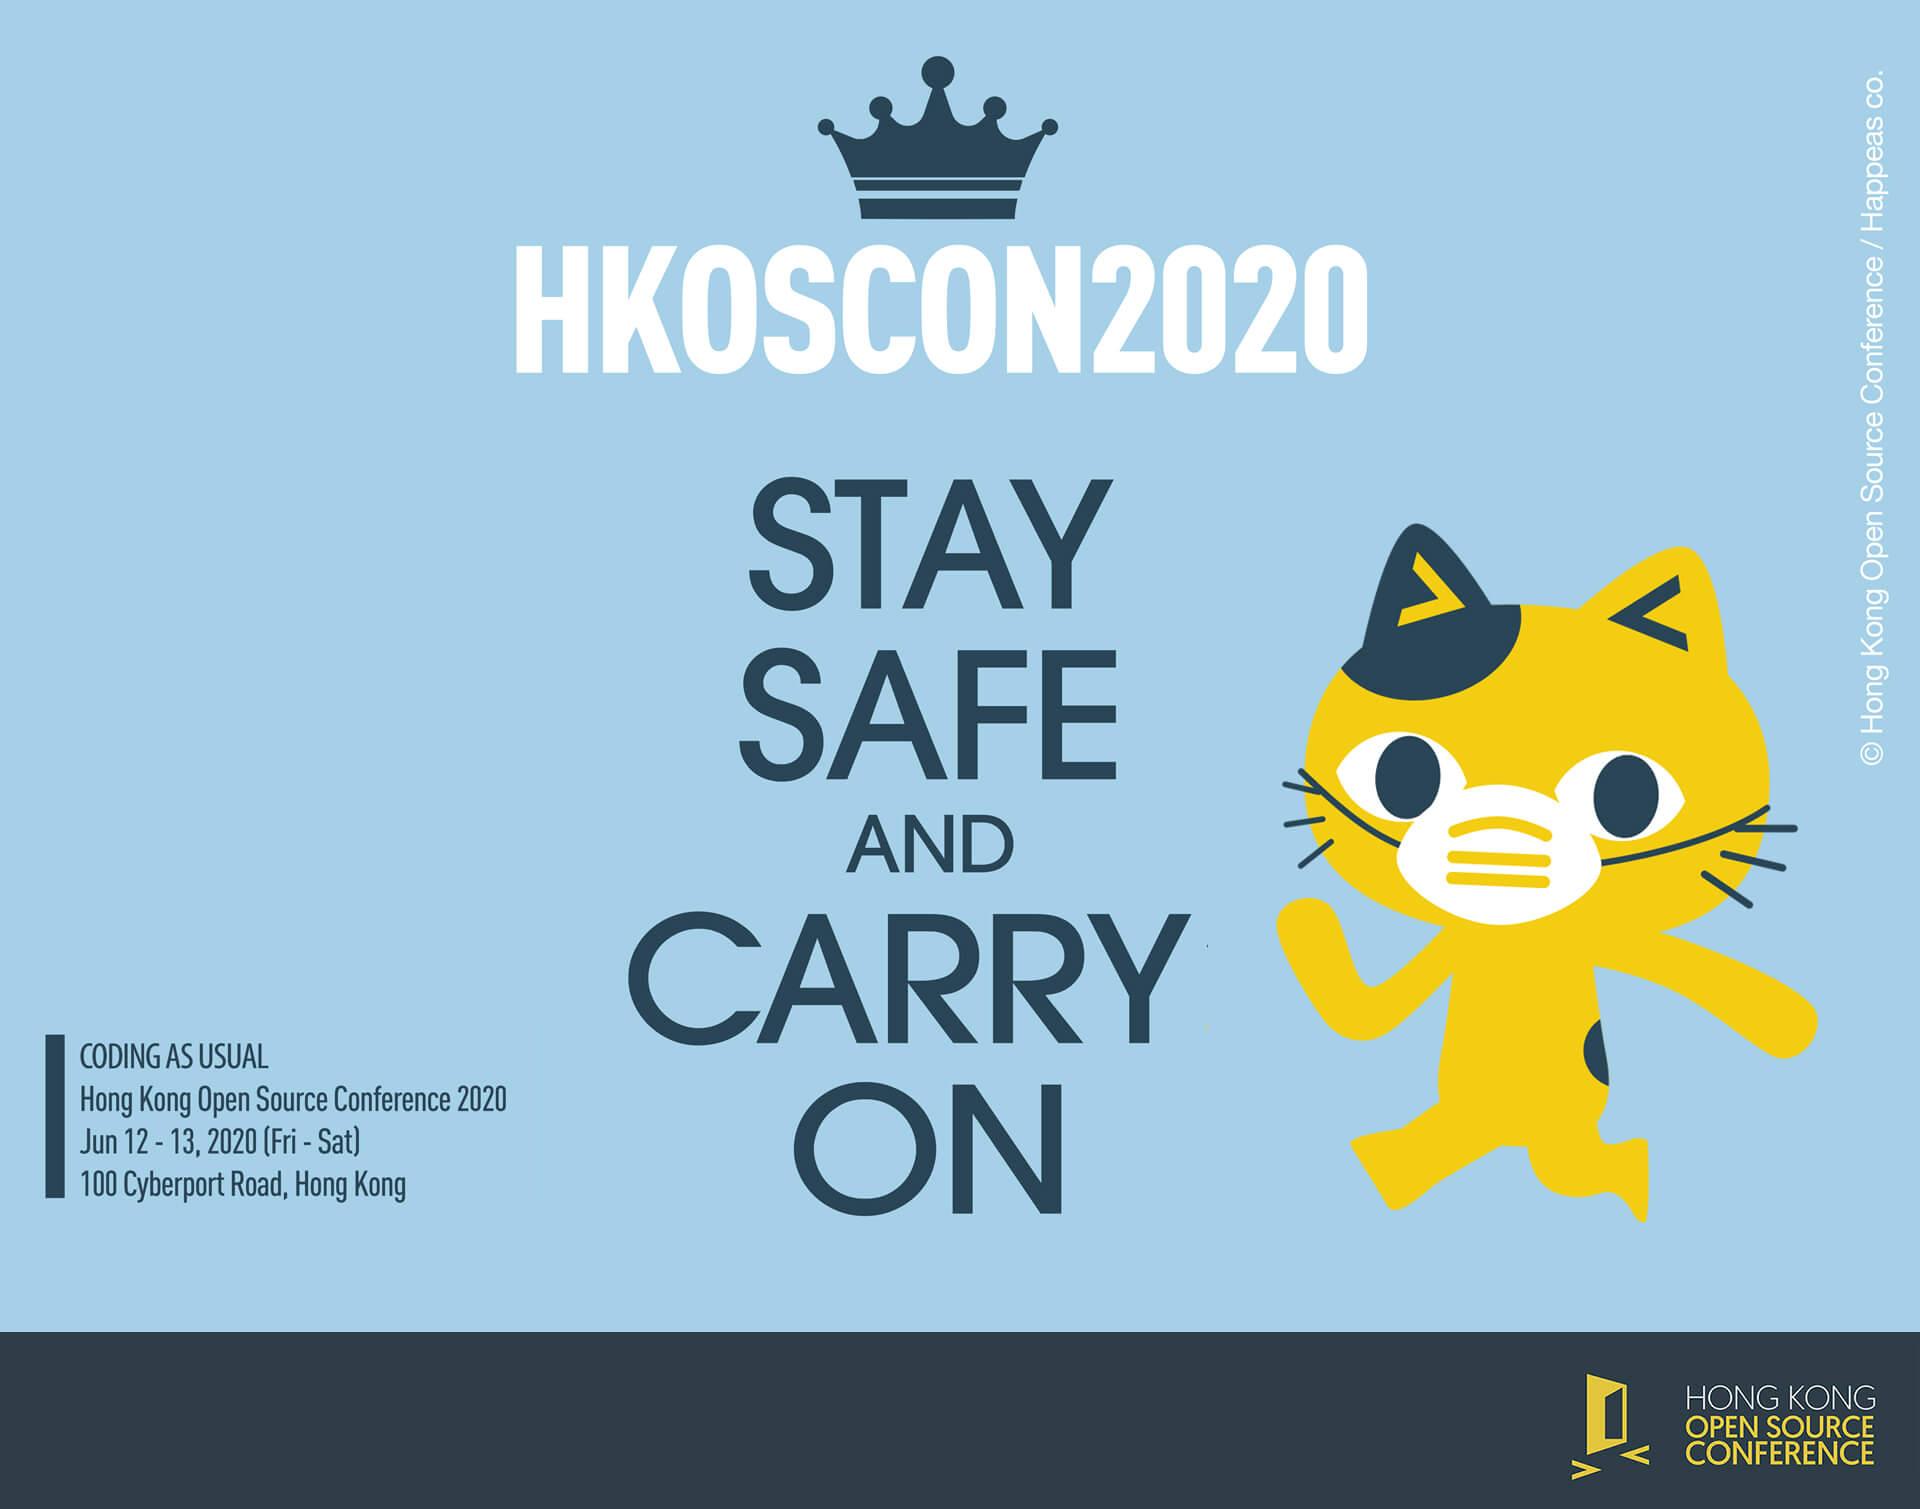 HKOSCon 2020